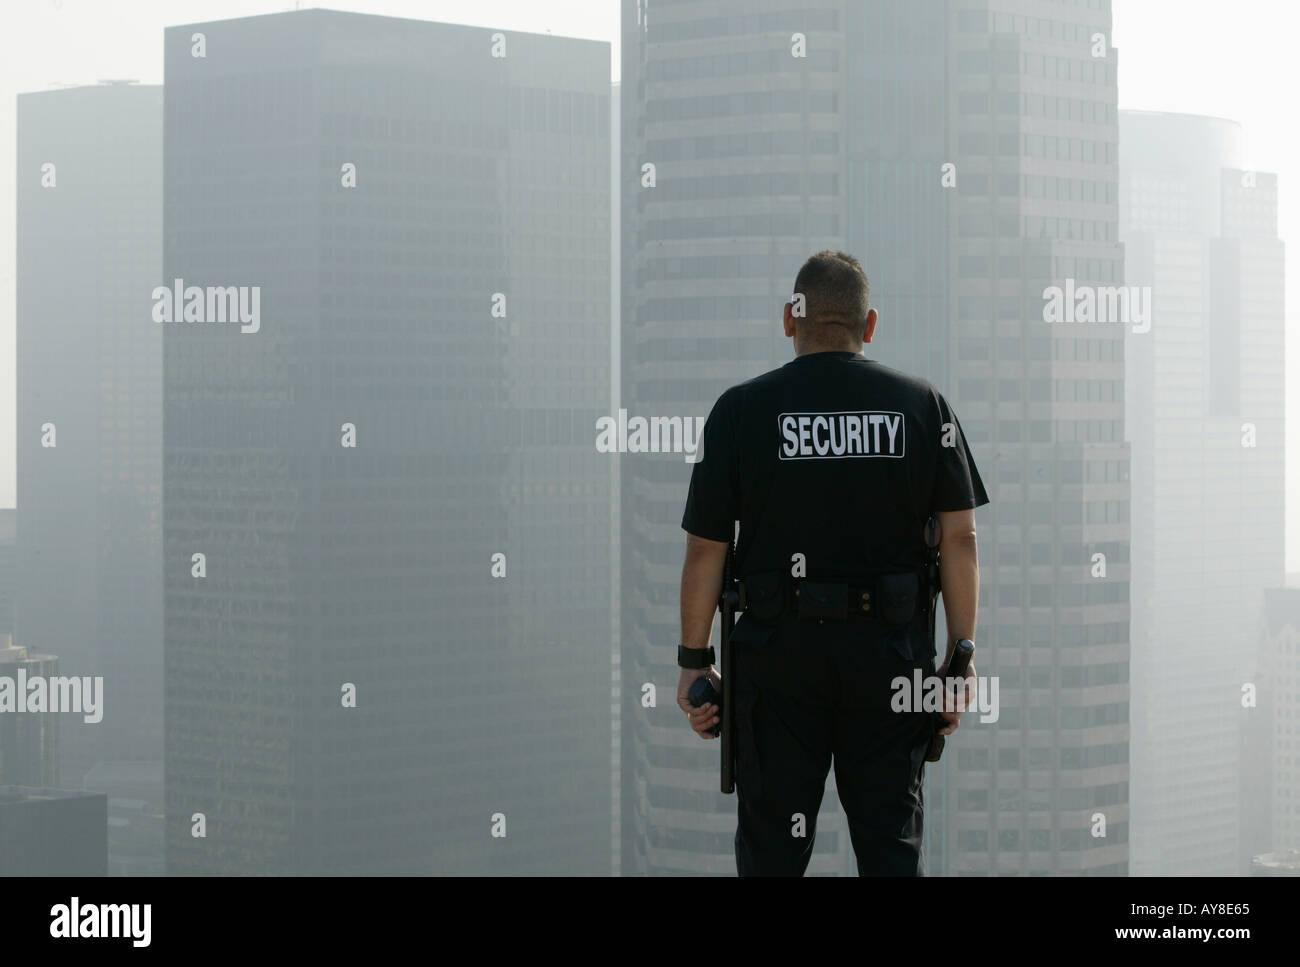 92b199adc63b6 Agent de sécurité se tient sur le toit de l'immeuble de bureaux de grande  hauteur donnant sur d'autres édifices du centre-ville de Los Angeles, CA